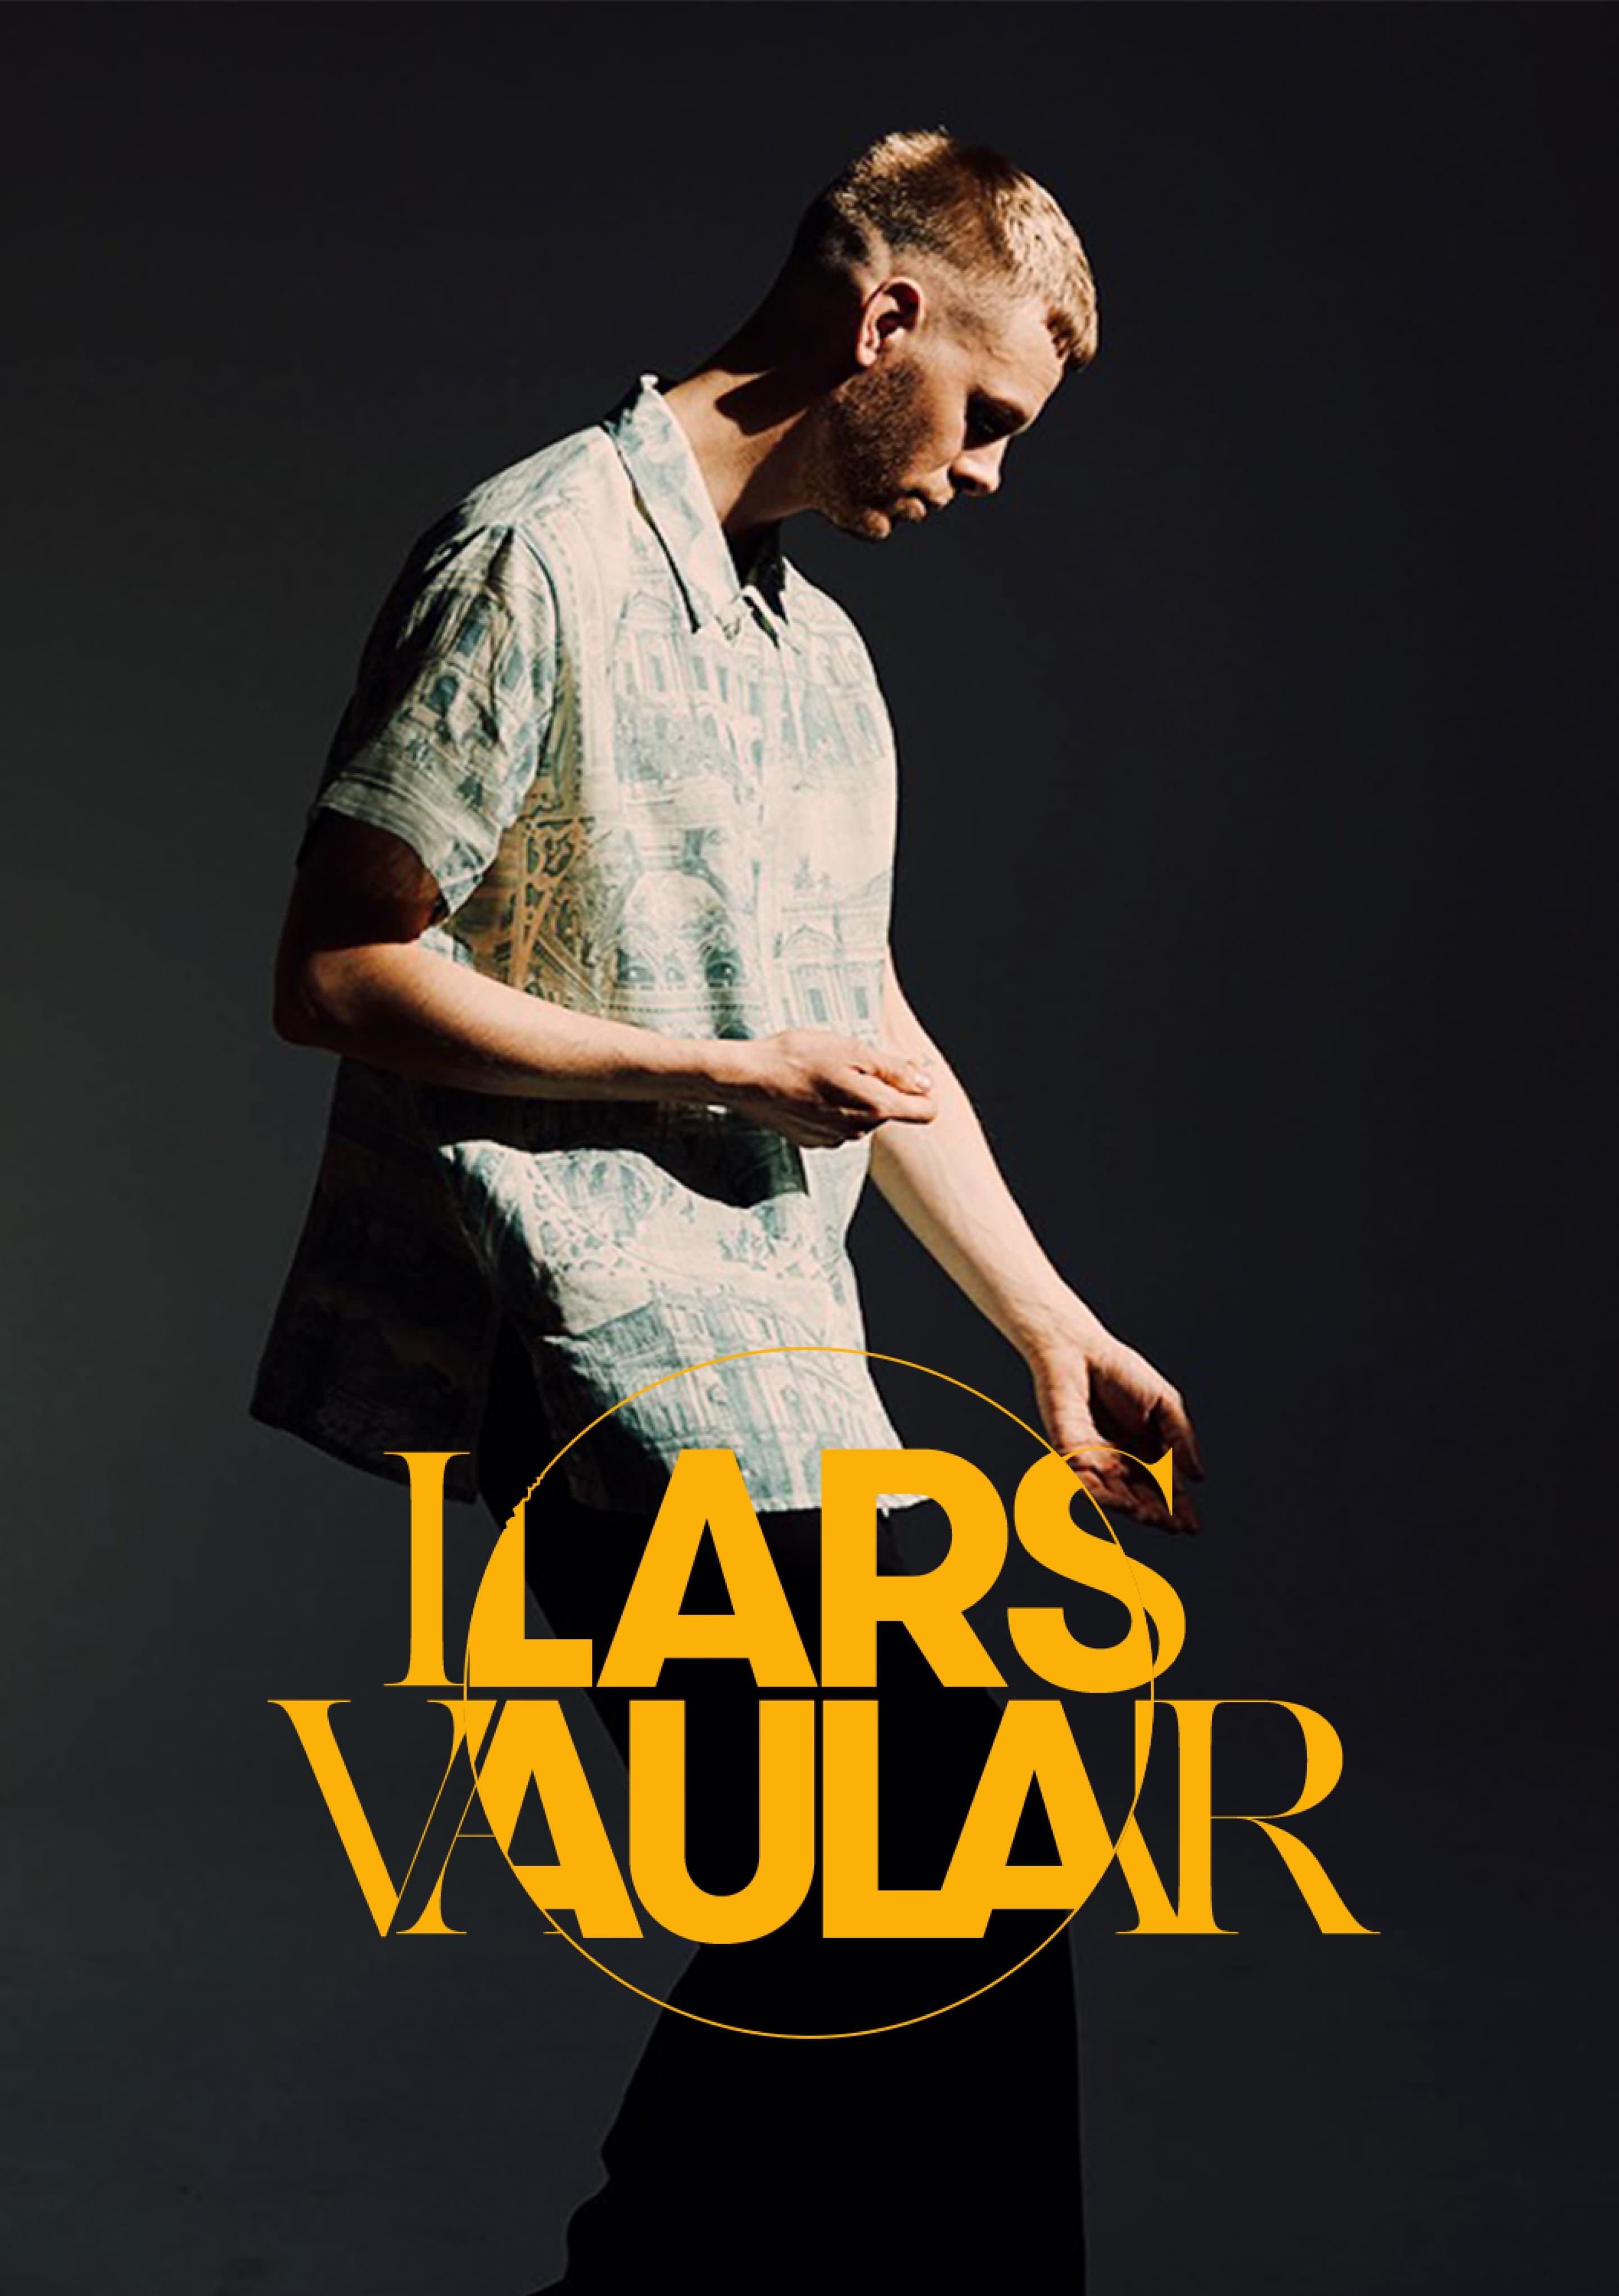 Lars-Vaular-EP-Logo-Final